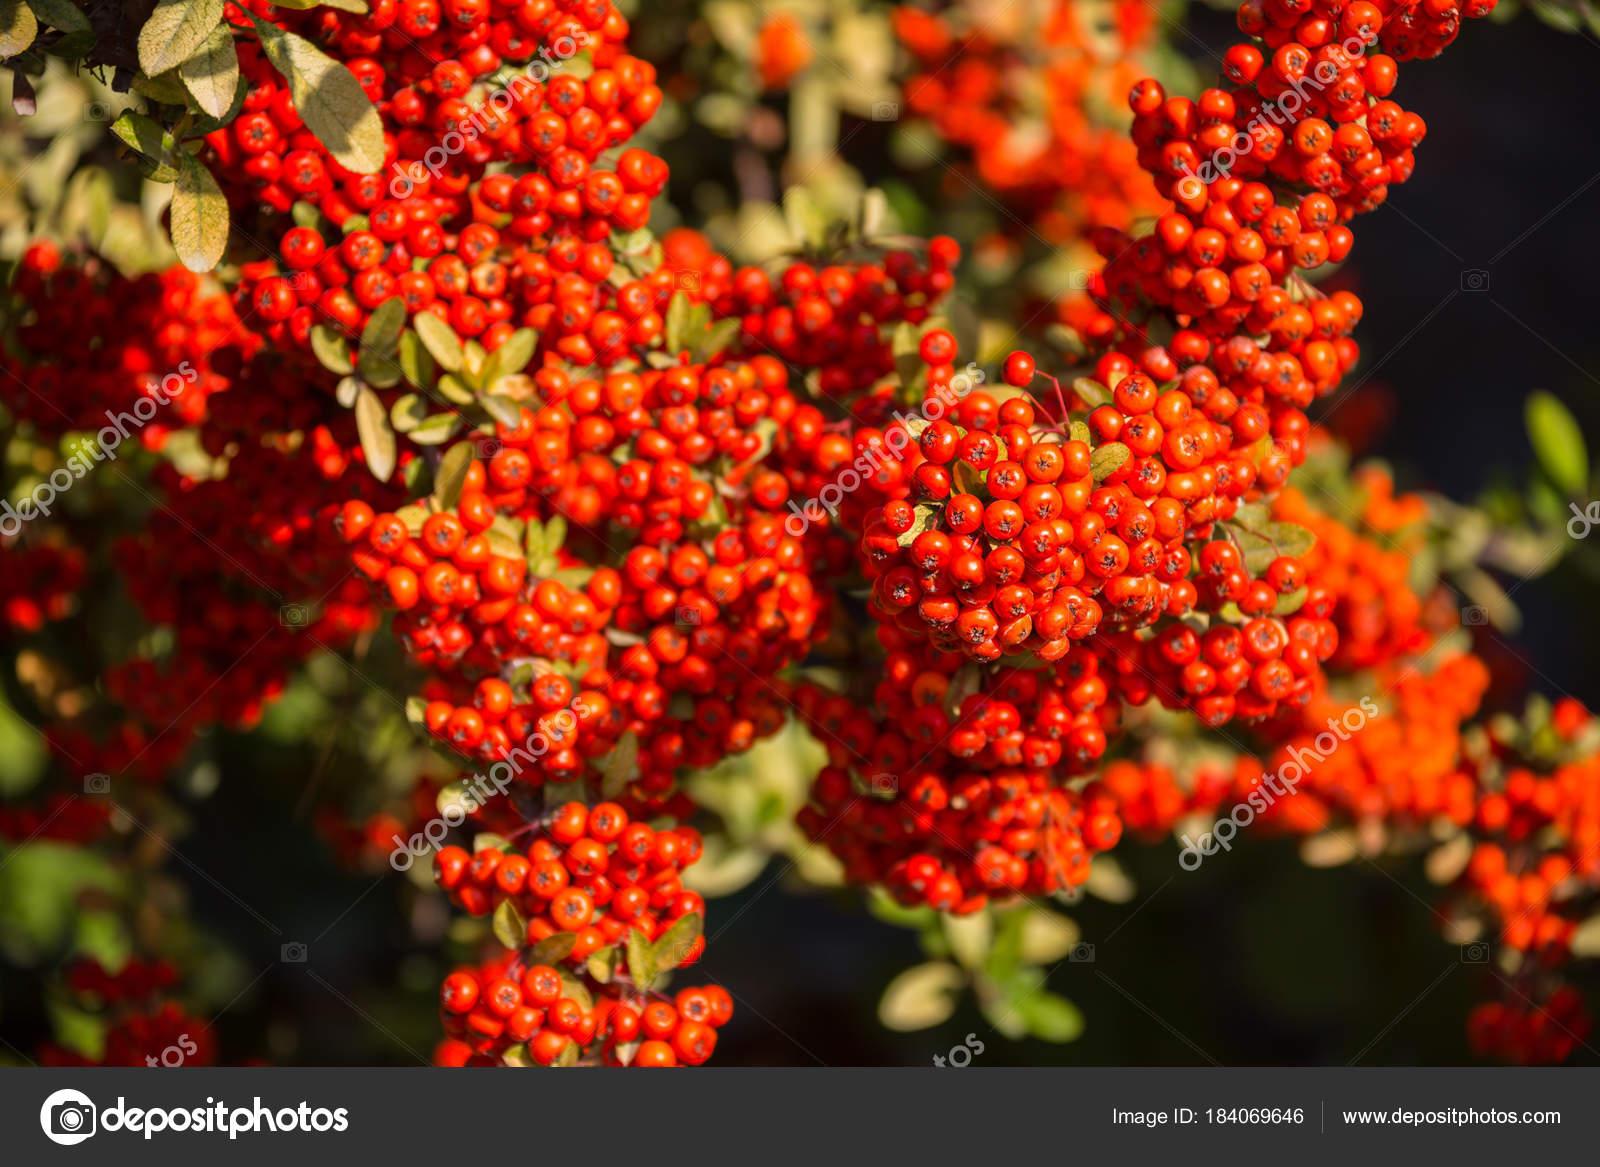 ein zwergmispel busch mit vielen roten beeren auf zweigen herbstliche hintergrund close up. Black Bedroom Furniture Sets. Home Design Ideas